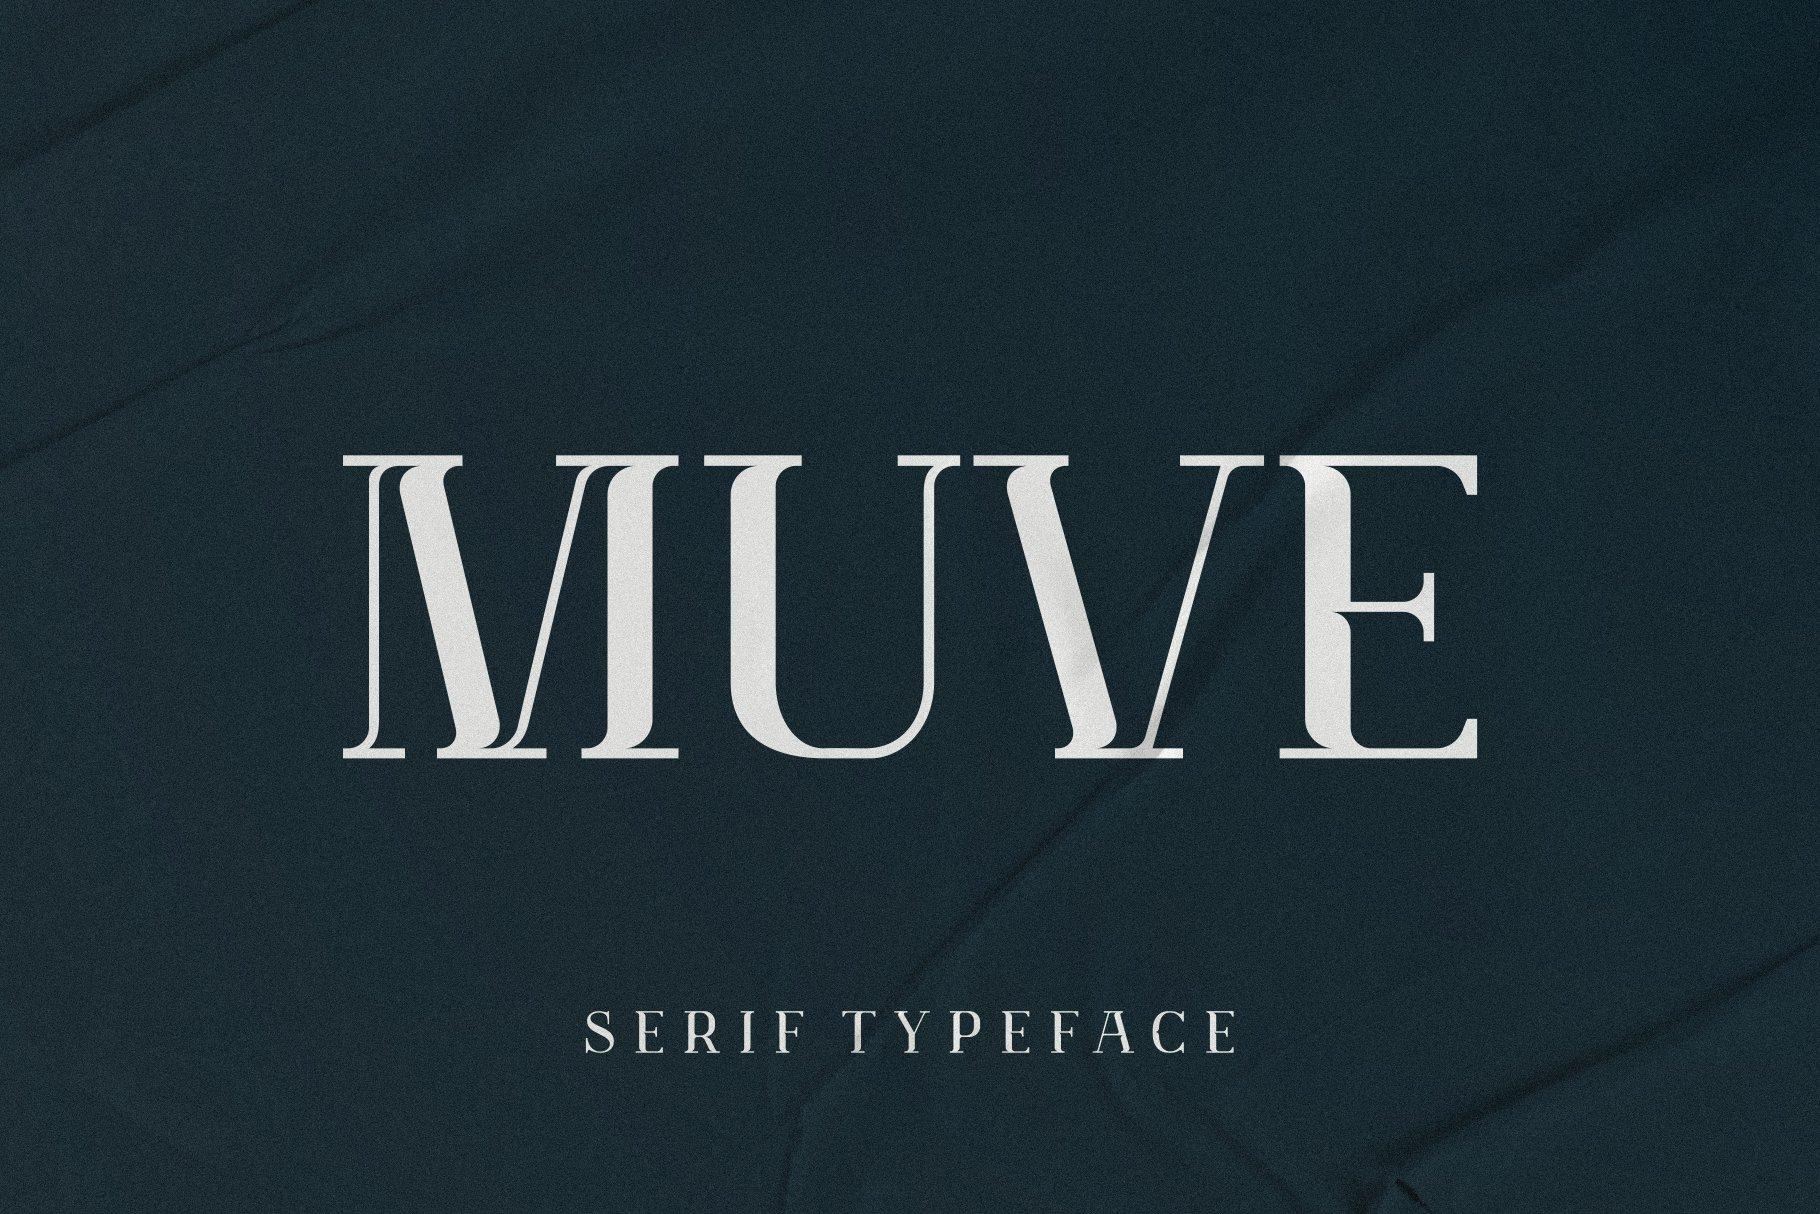 优雅轻奢现代时尚Logo杂志海报标题衬线英文字体素材 Muve Serif Font插图